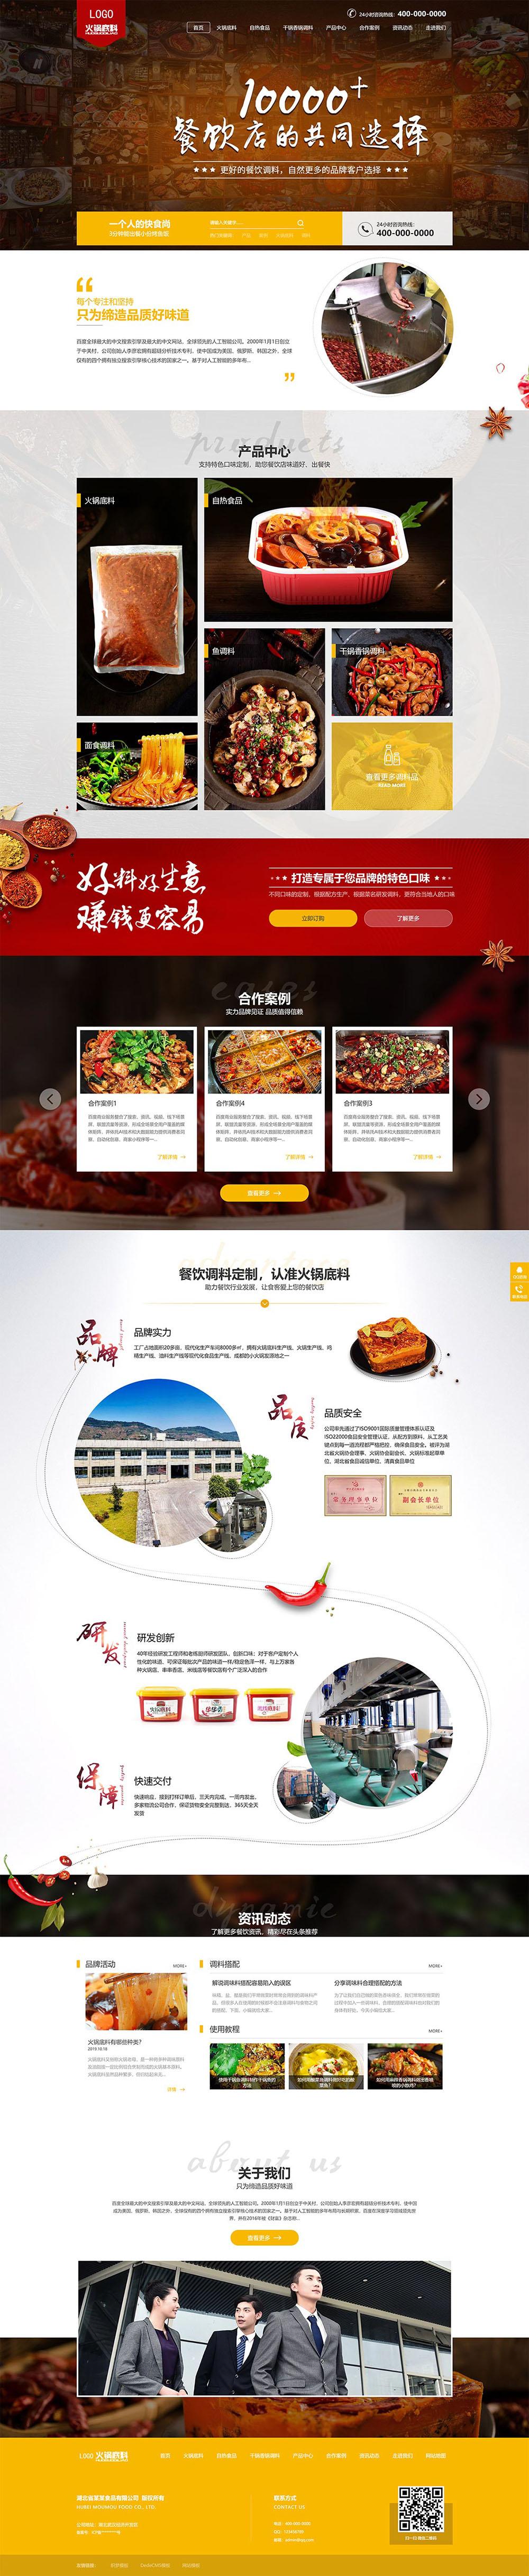 火锅底料餐饮调料类企业营销型DedeCMS织梦网站模板